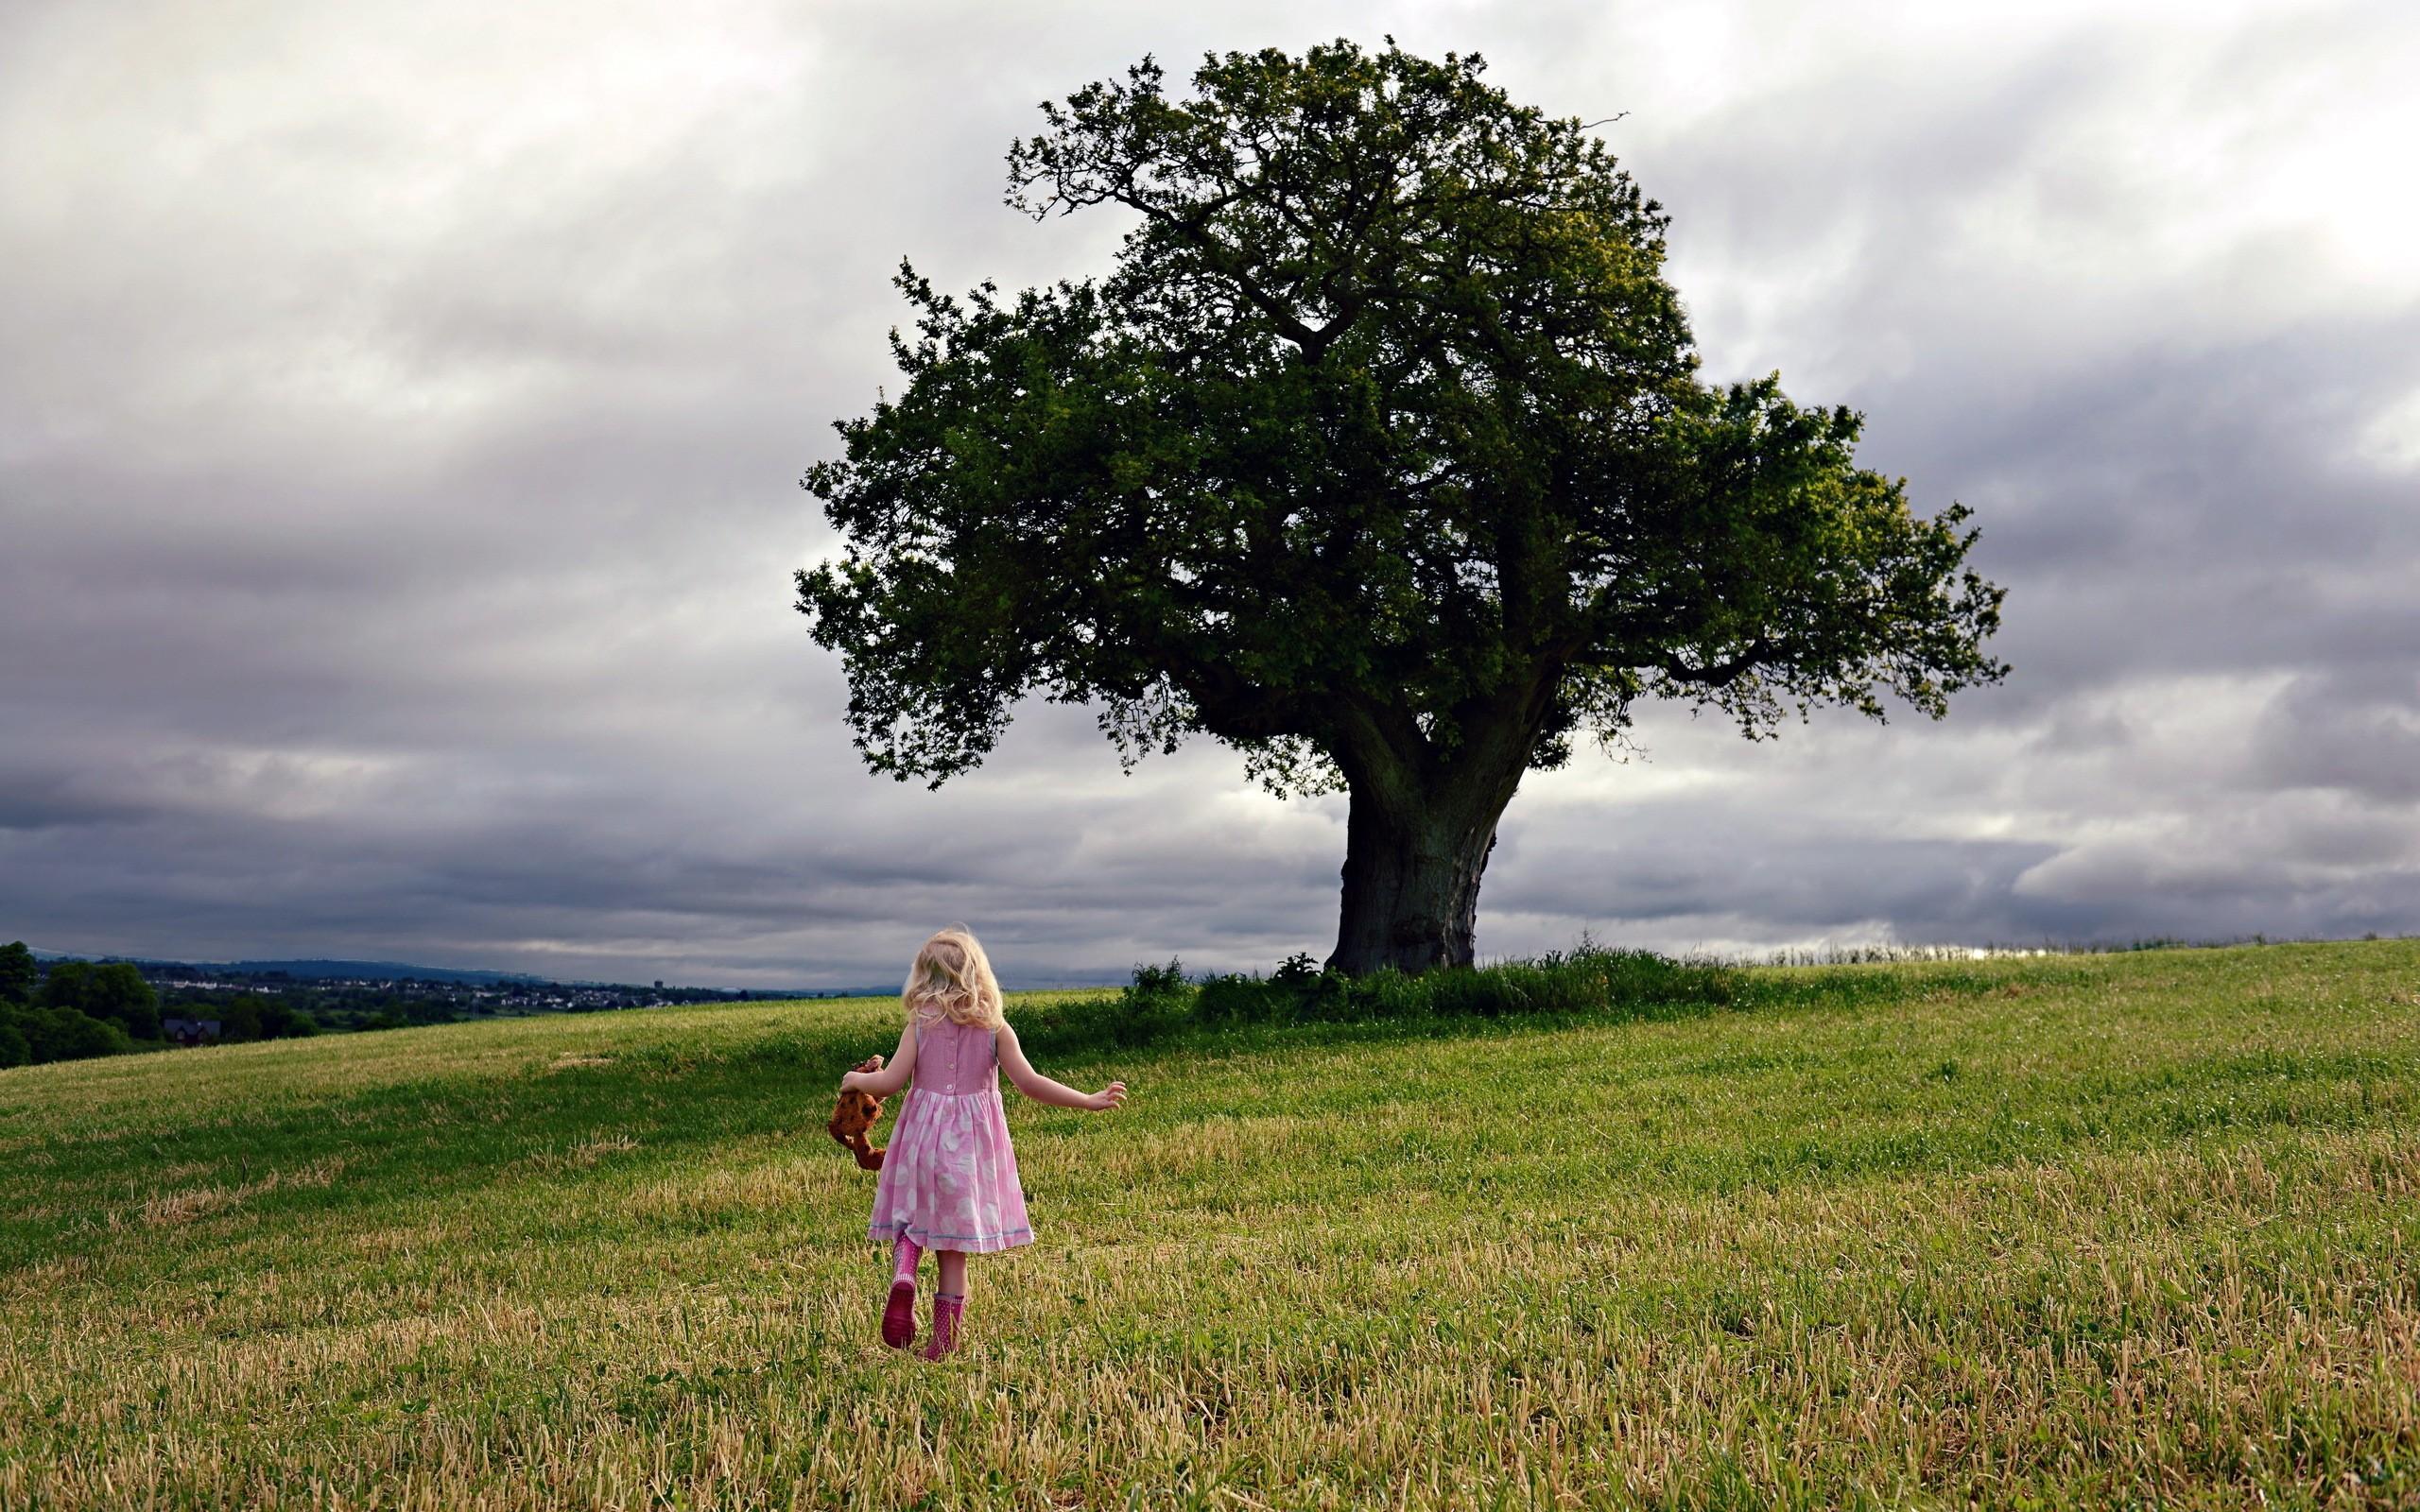 многим картинки дерево это счастье нас можете